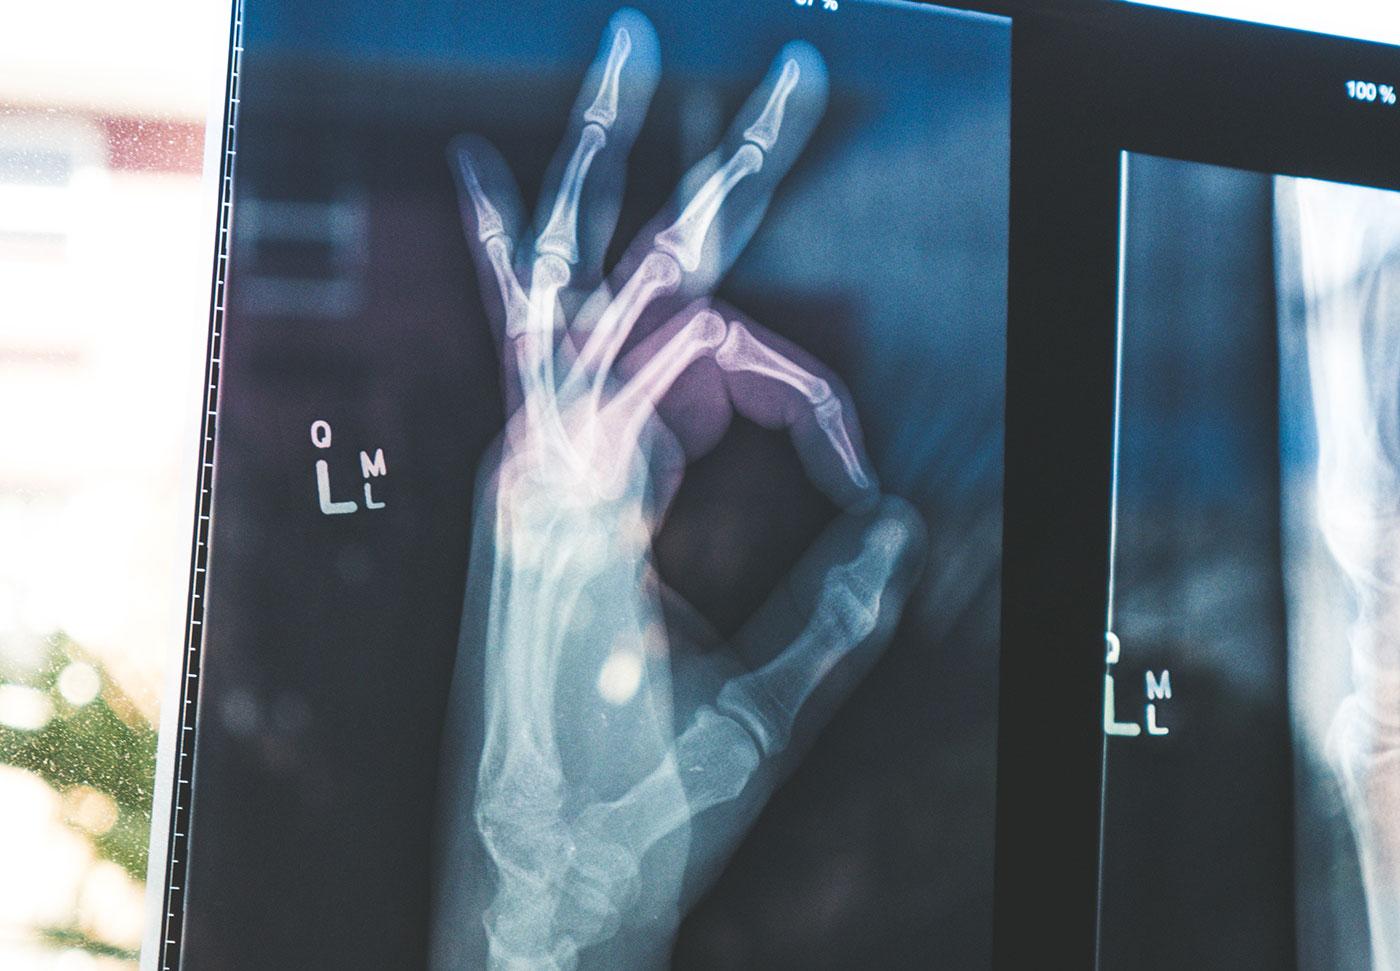 En röntgad hand som ger sitt gillande